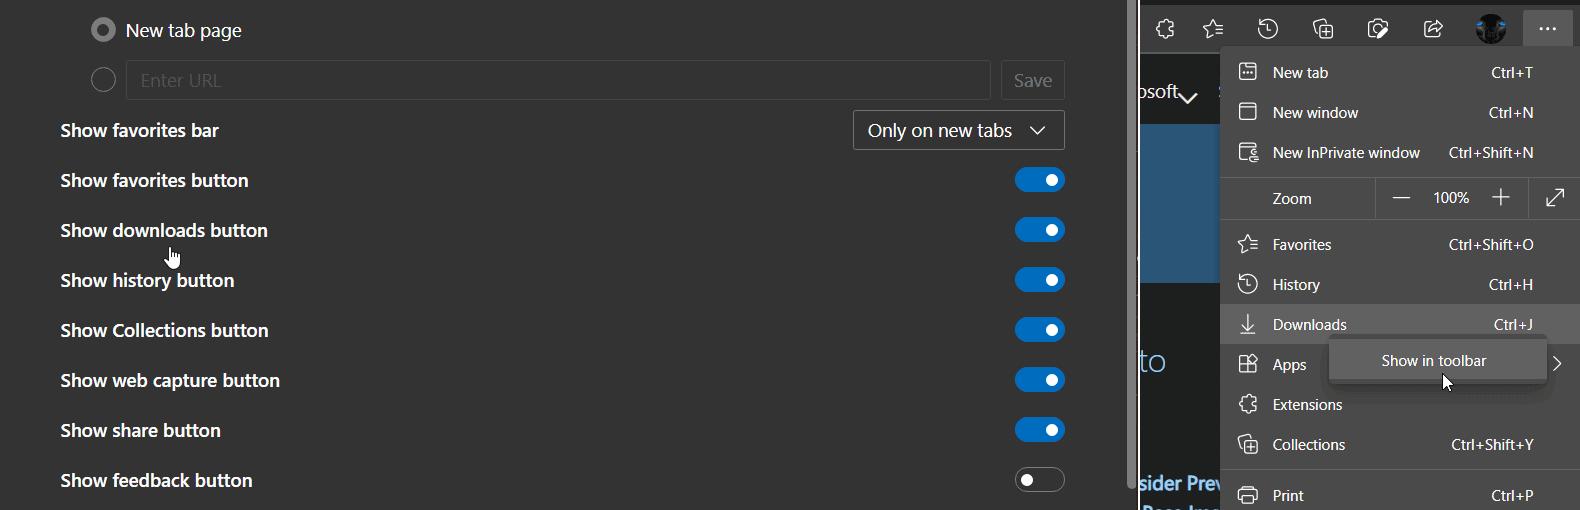 Microsoft Edge Downloads button